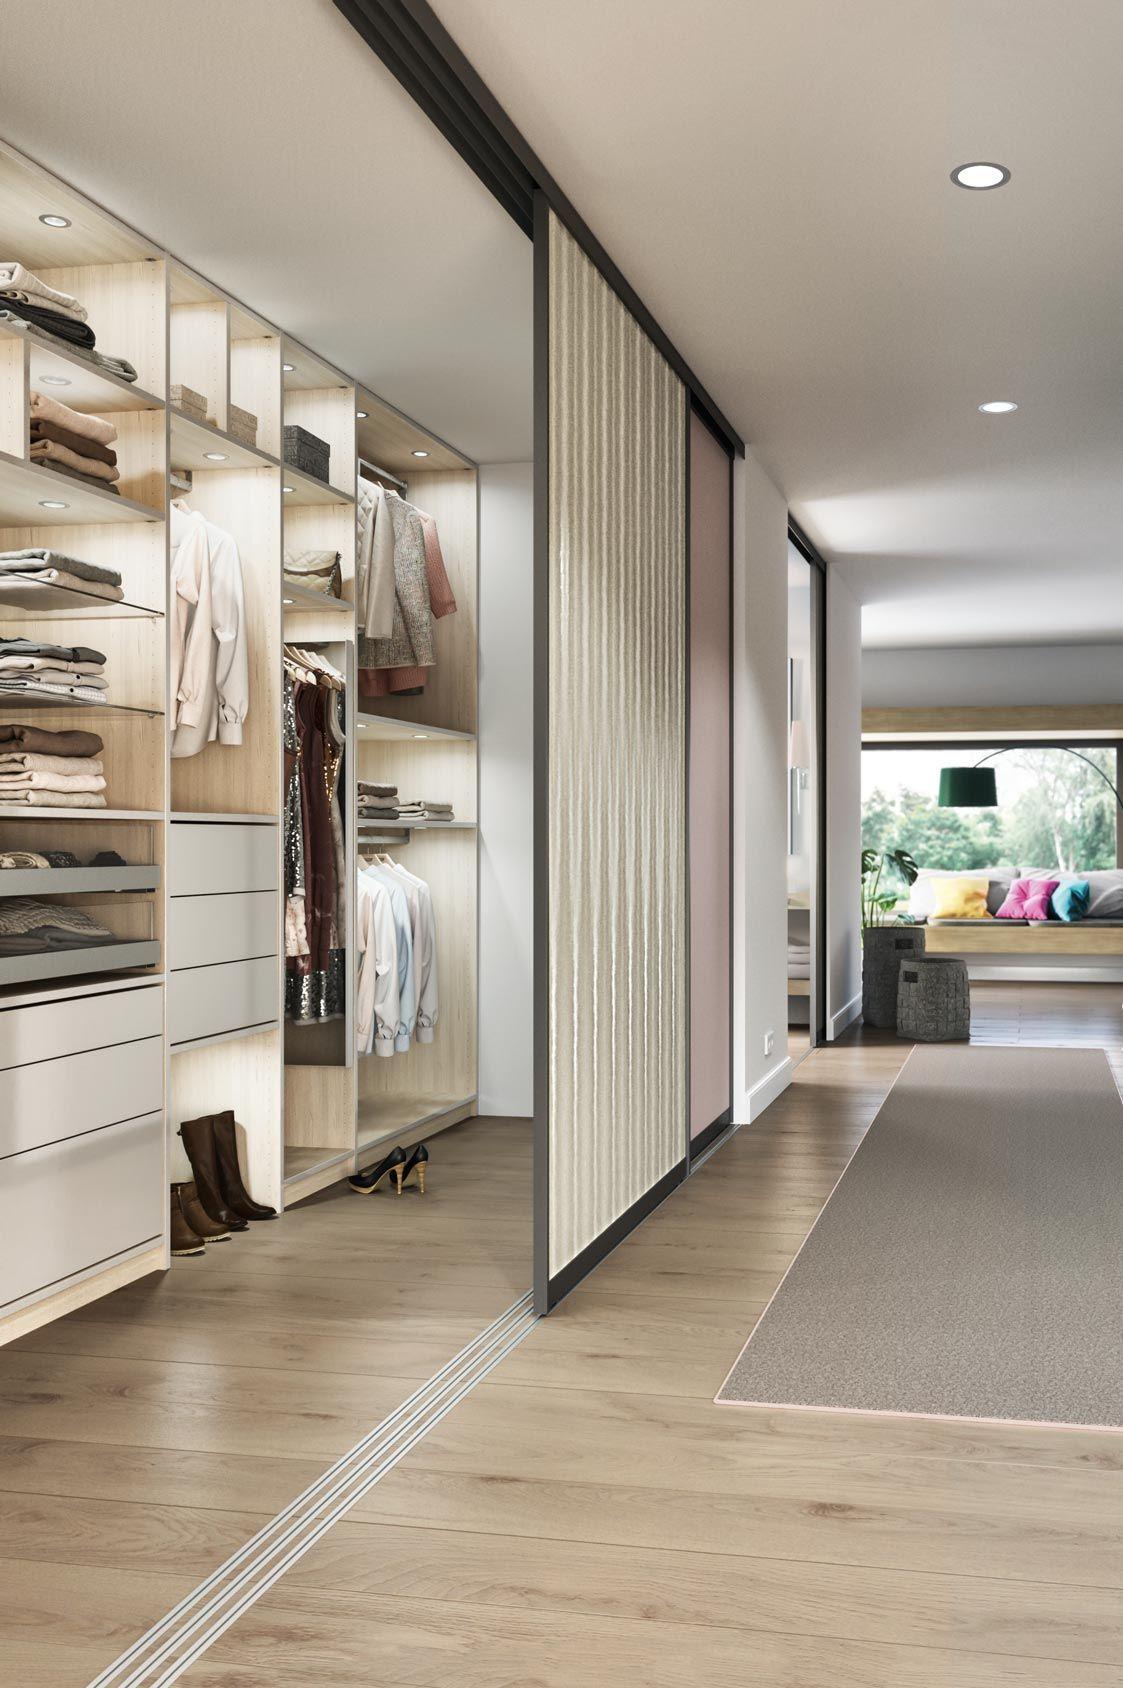 Die Perfekte Ankleide Fur Sie Mit Eleganten Schiebeturen Von Cabinet Einbauschrank Begehbarer Kleiderschrank Ankleideraum Design